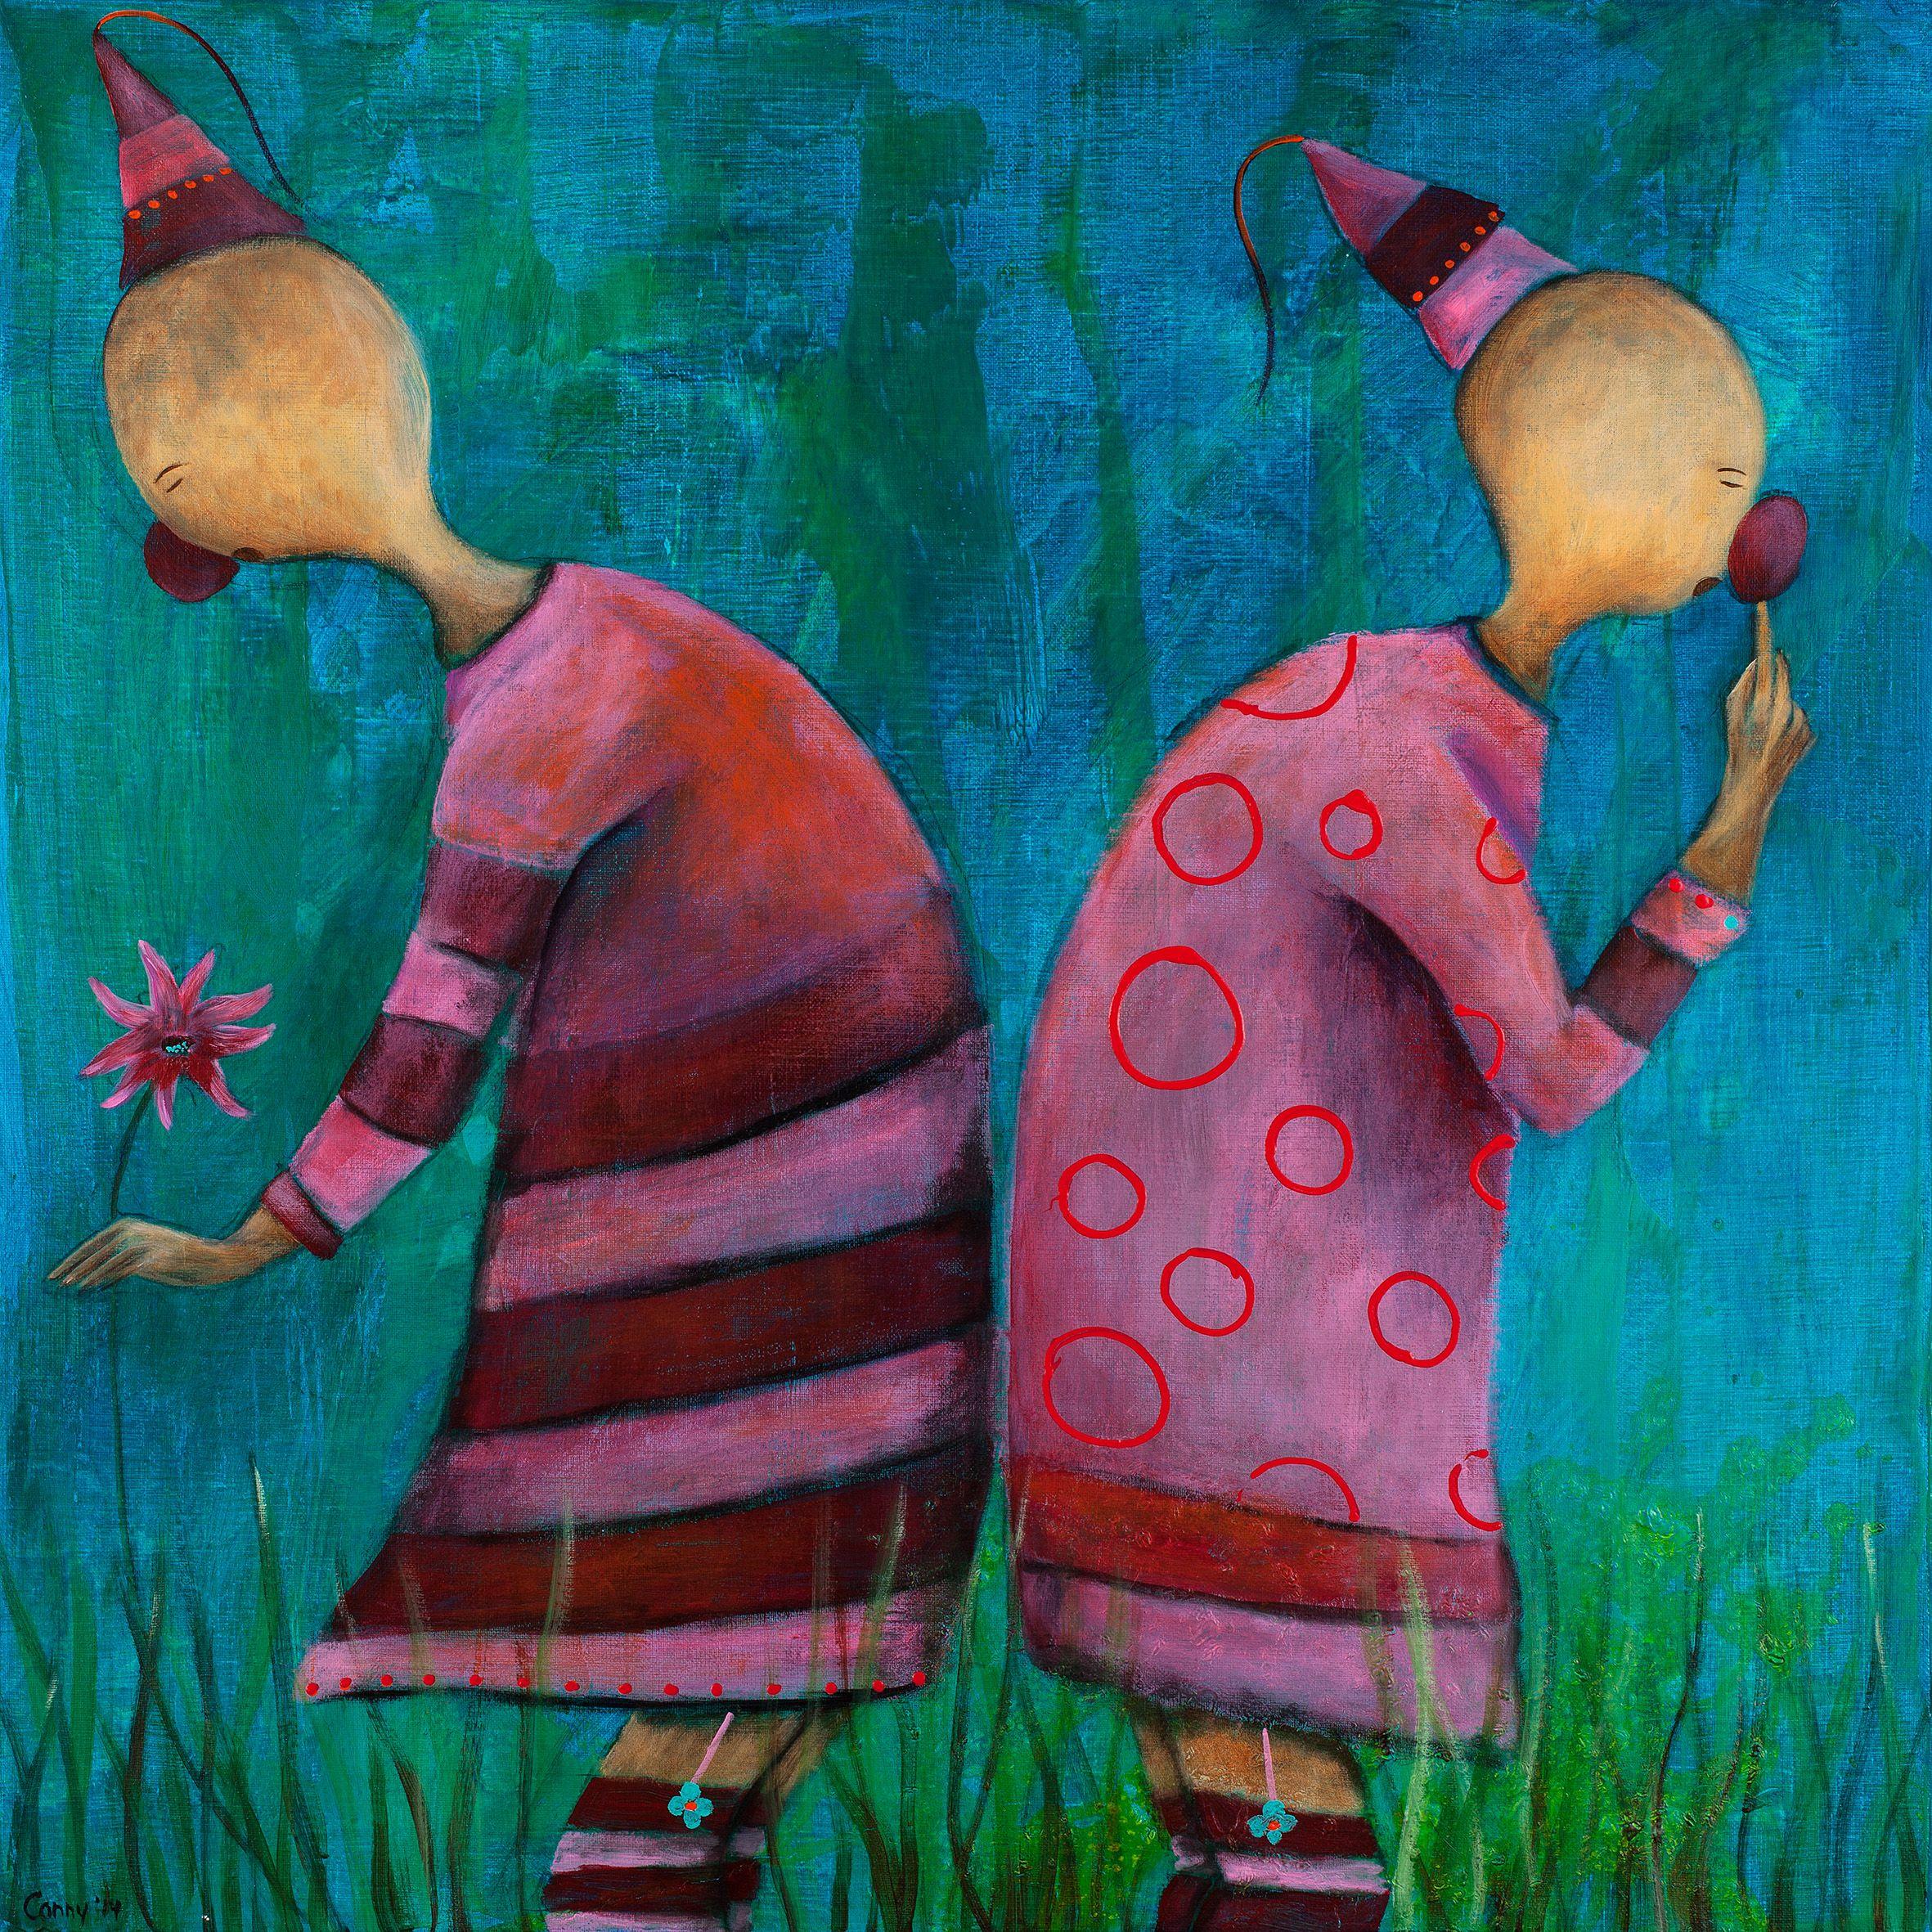 schilderijen frotje frutje kleurrijk grappig vrolijk kinderschilderij tweeluik kunst. Black Bedroom Furniture Sets. Home Design Ideas